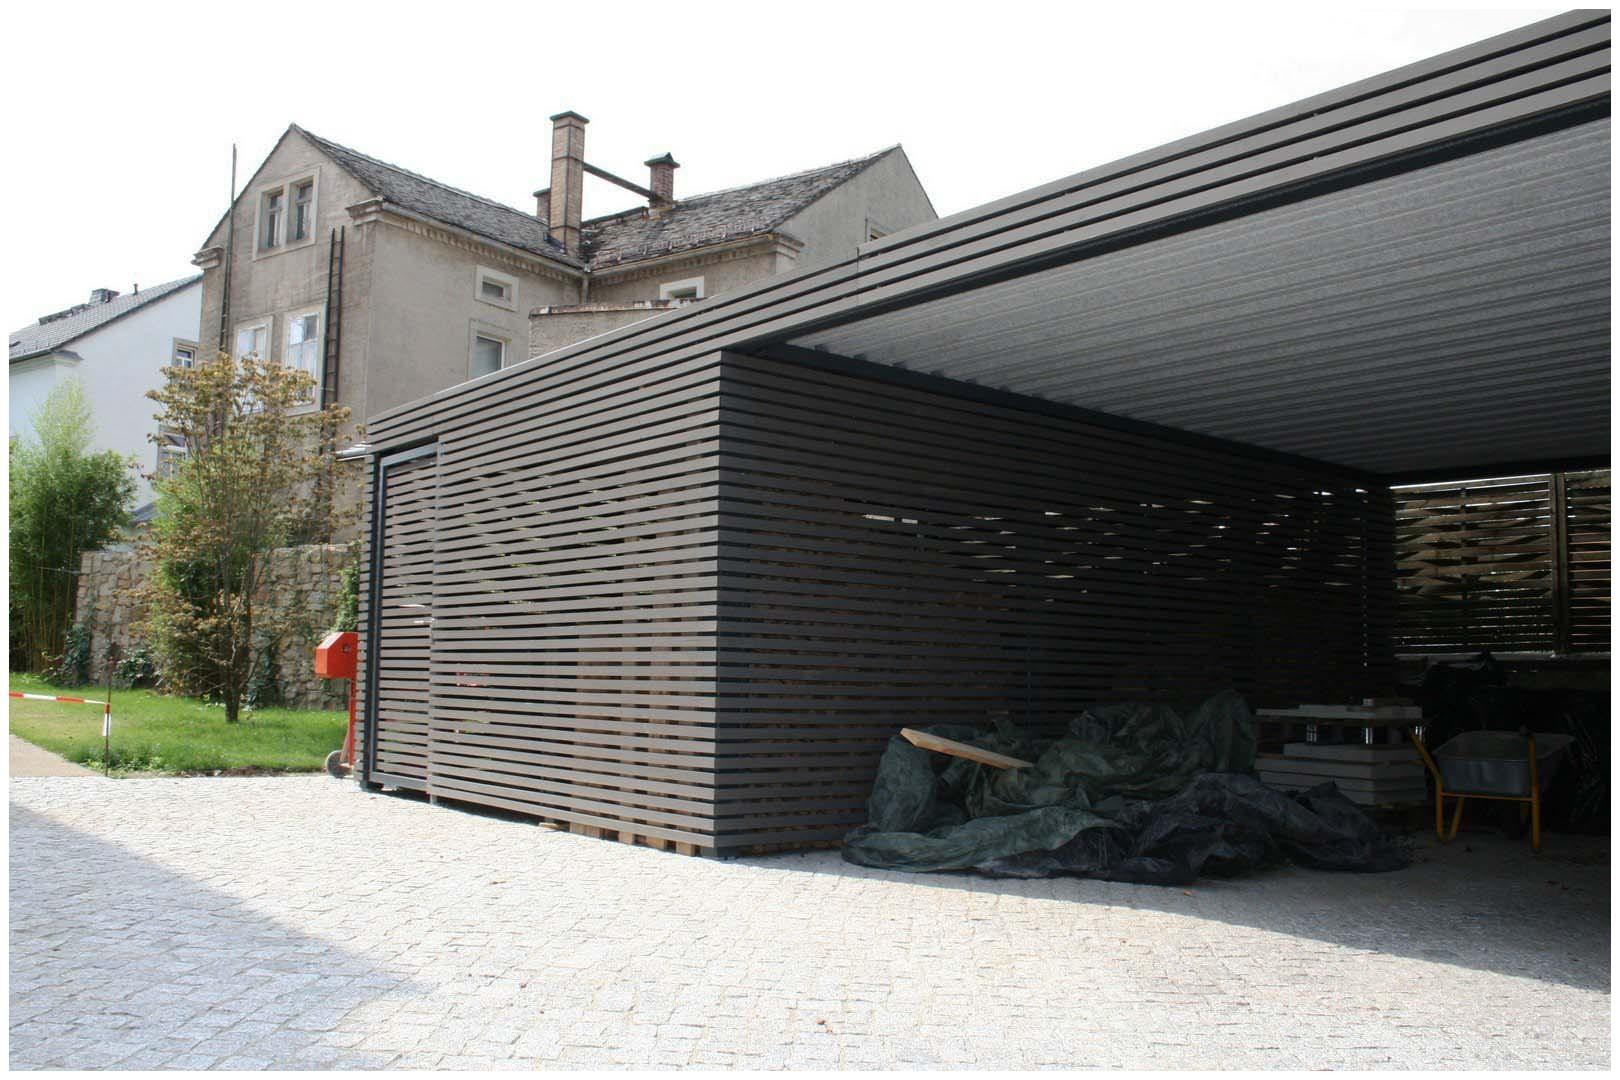 Garage Blech  Garage Blech Design Metall Carport Aus Stahl Holz